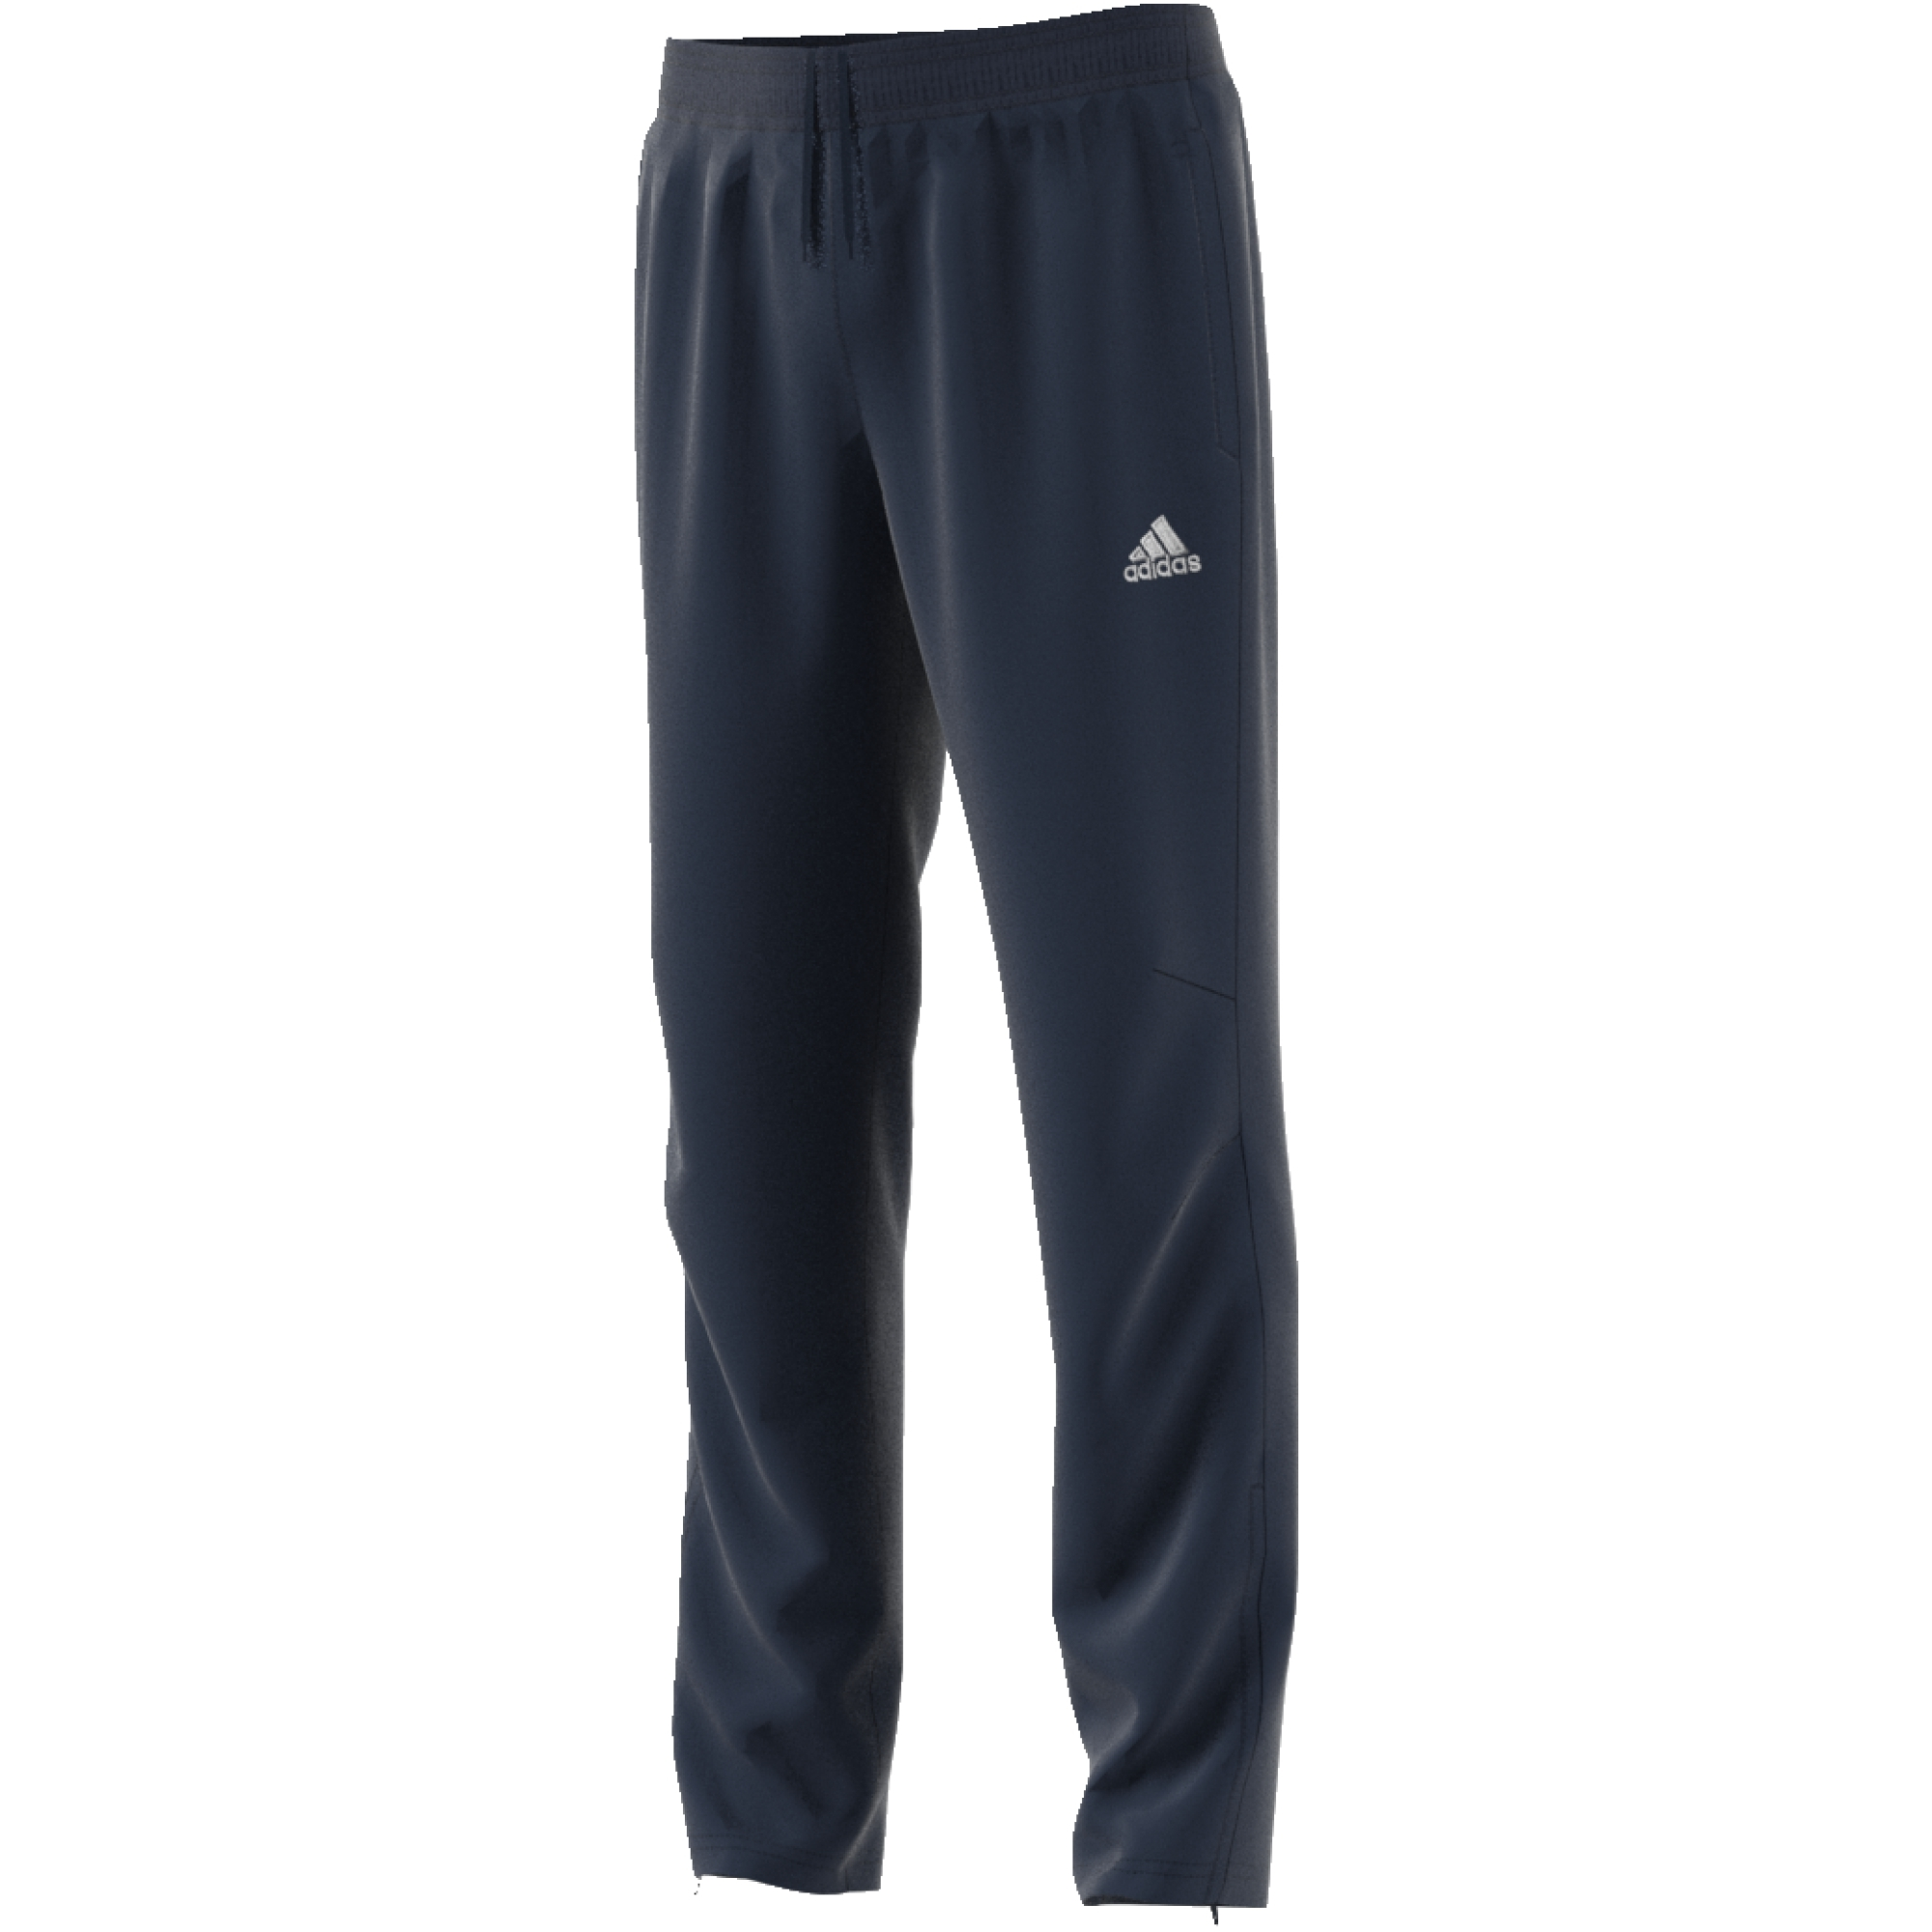 ADIDAS polyesterové kalhoty Tiro 17 dětské